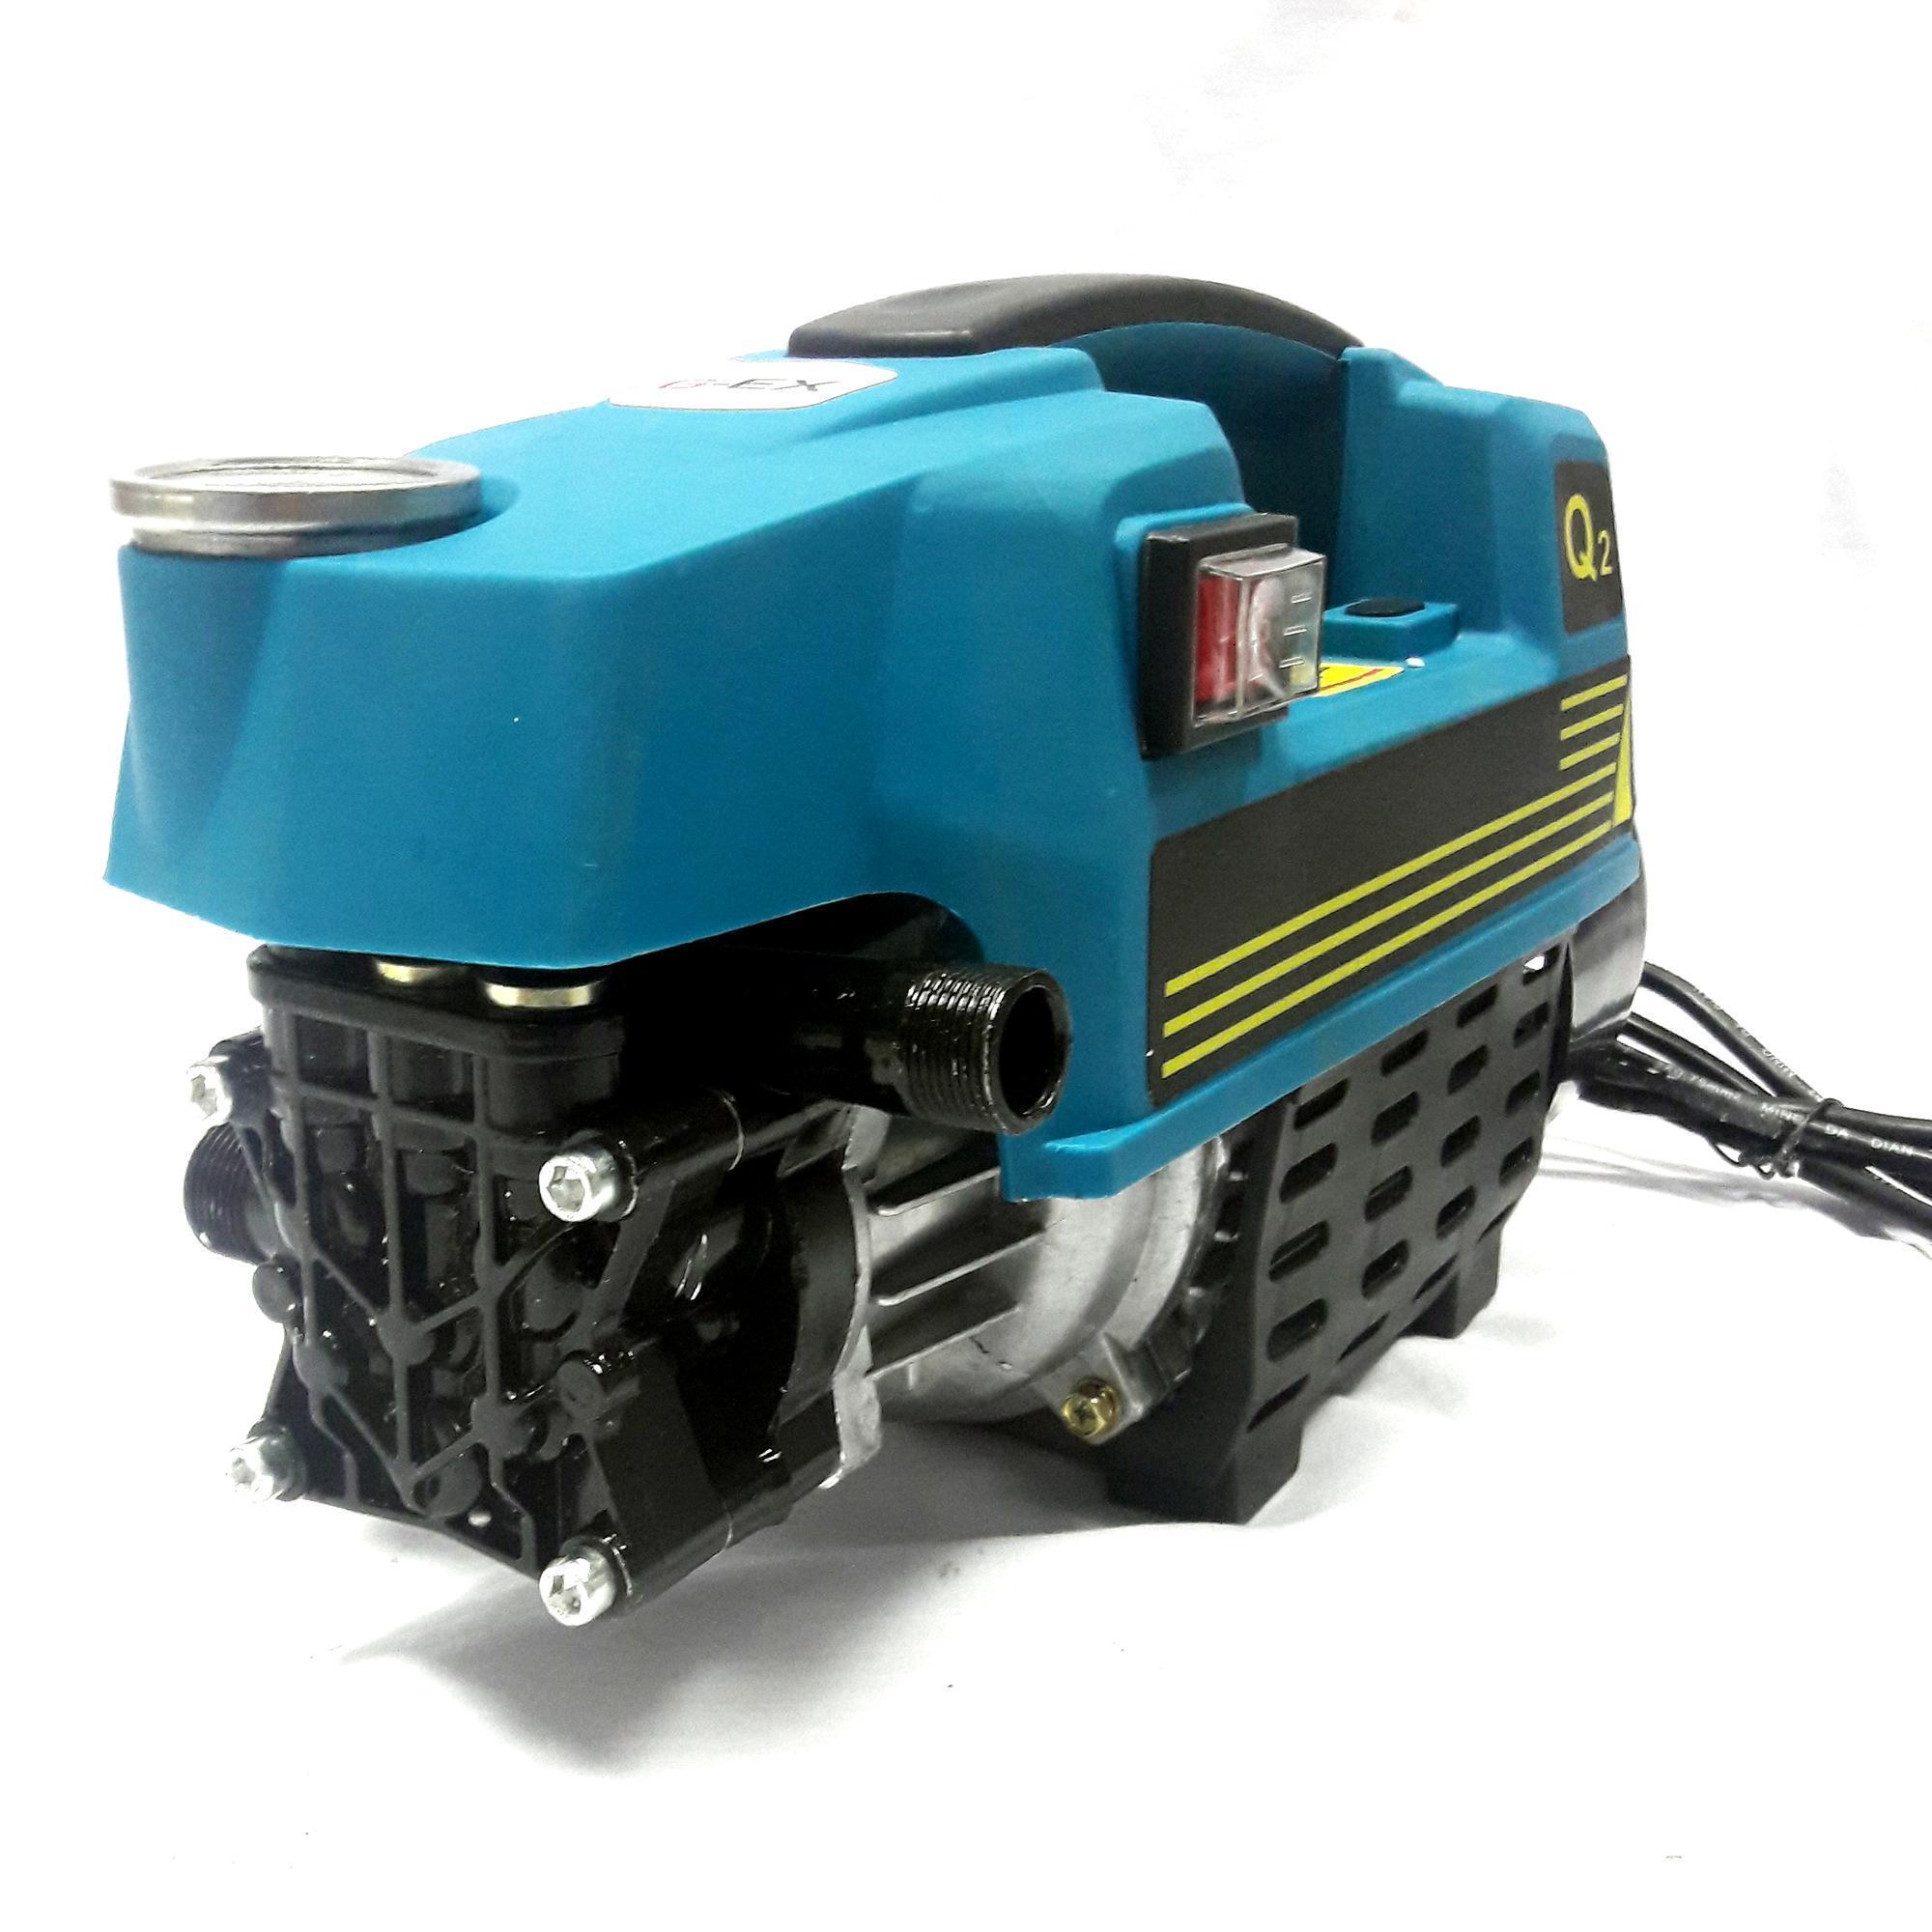 Máy bơm xịt rửa xe áp lực cao 1500W GEX (có chức năng tự hút)